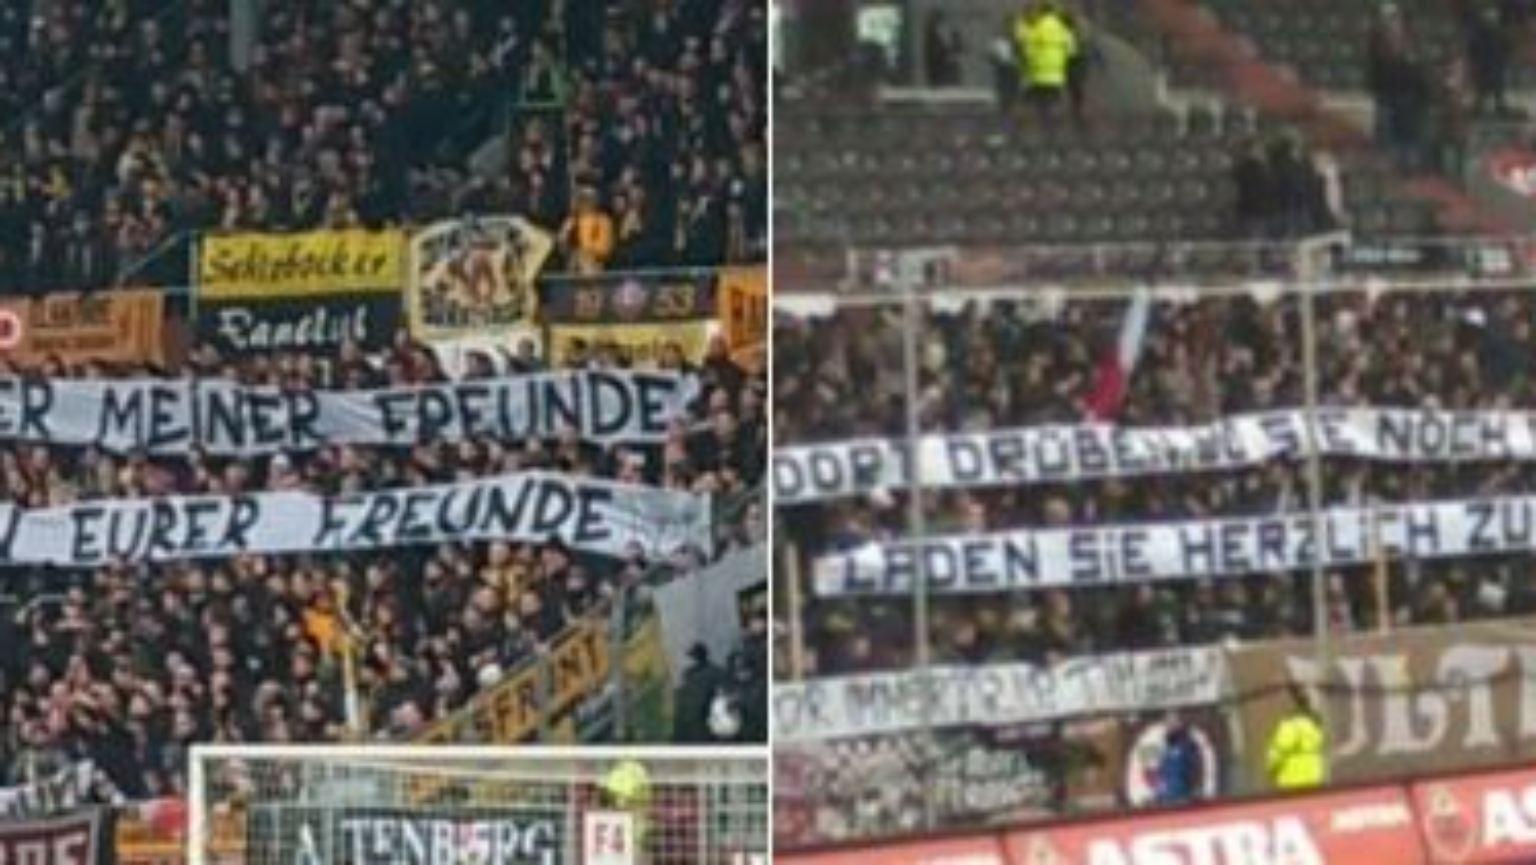 Am Guten Geschmack Vorbei Uble Plakate Bei St Pauli Gegen